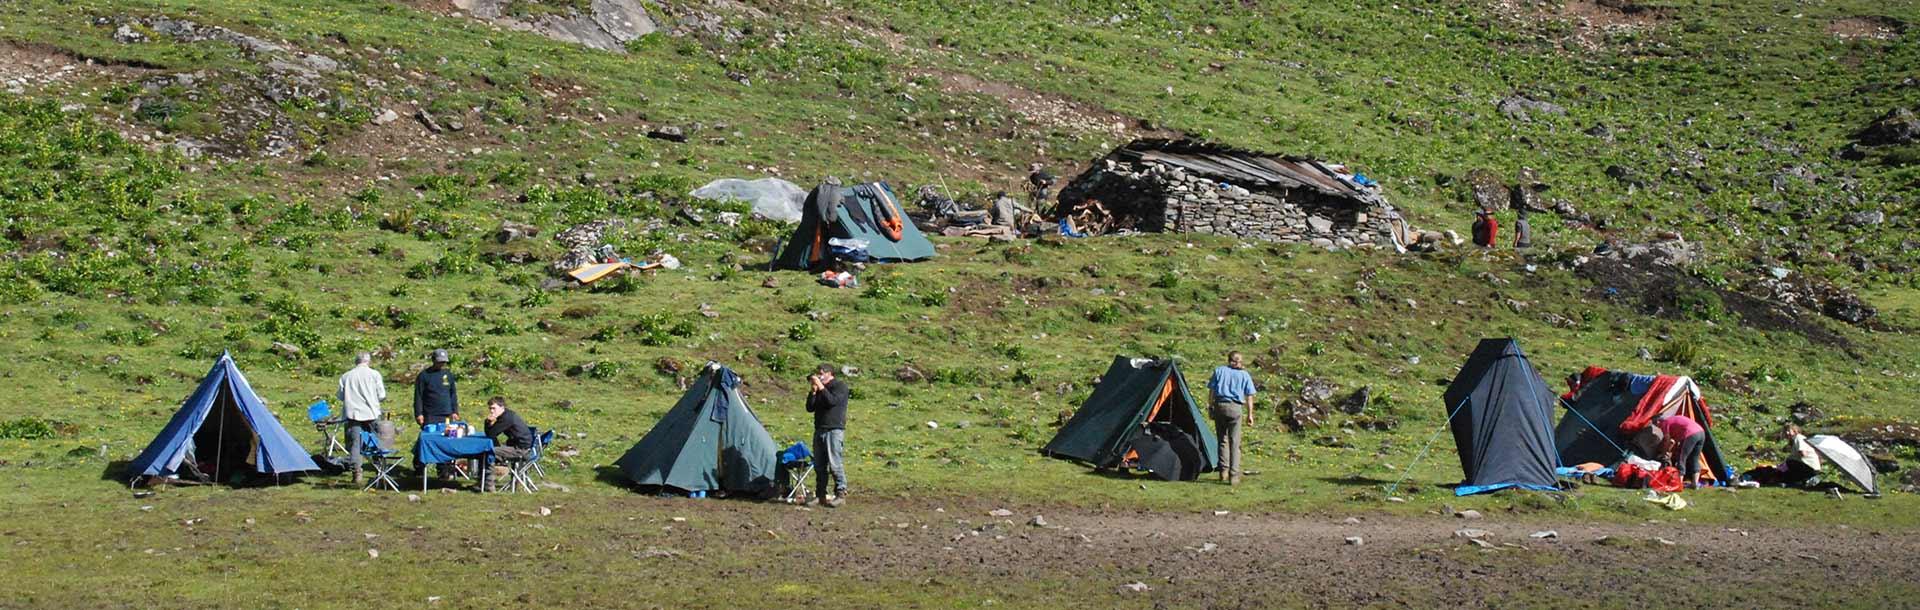 Trekking Campsite in Bhutan